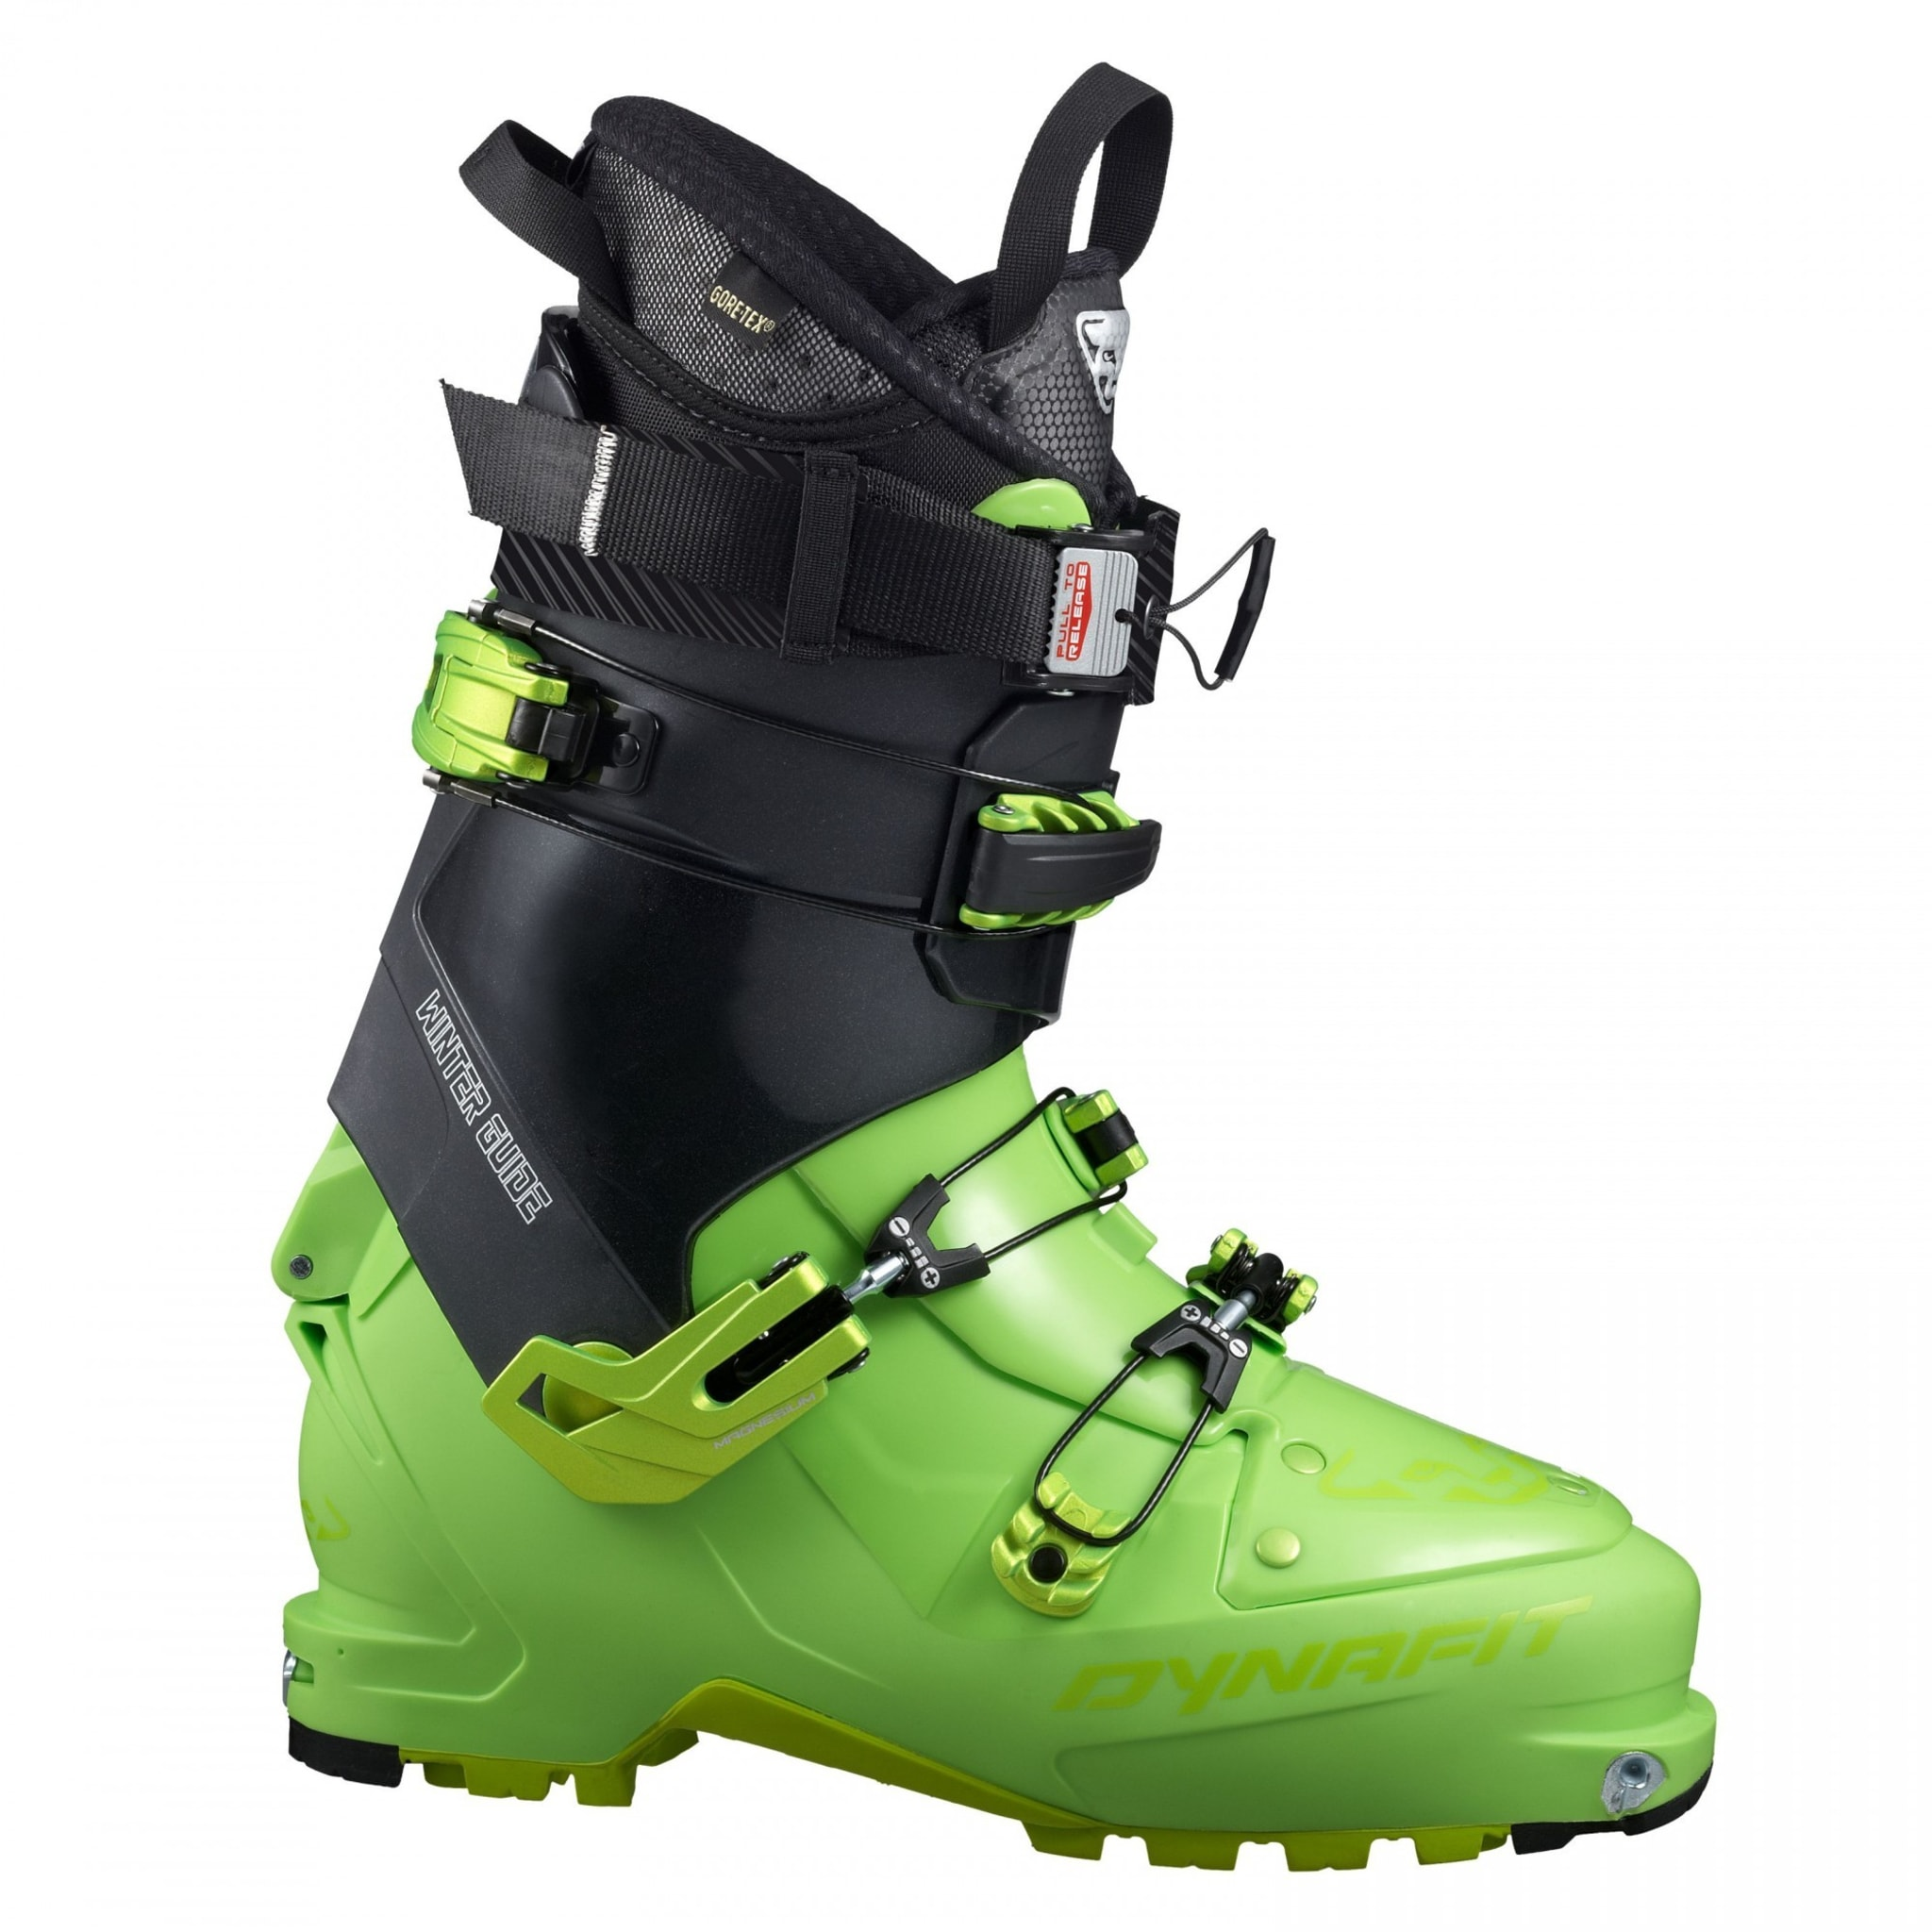 Endelig en støvler til topptur med vanntett Gore-Tex membran!